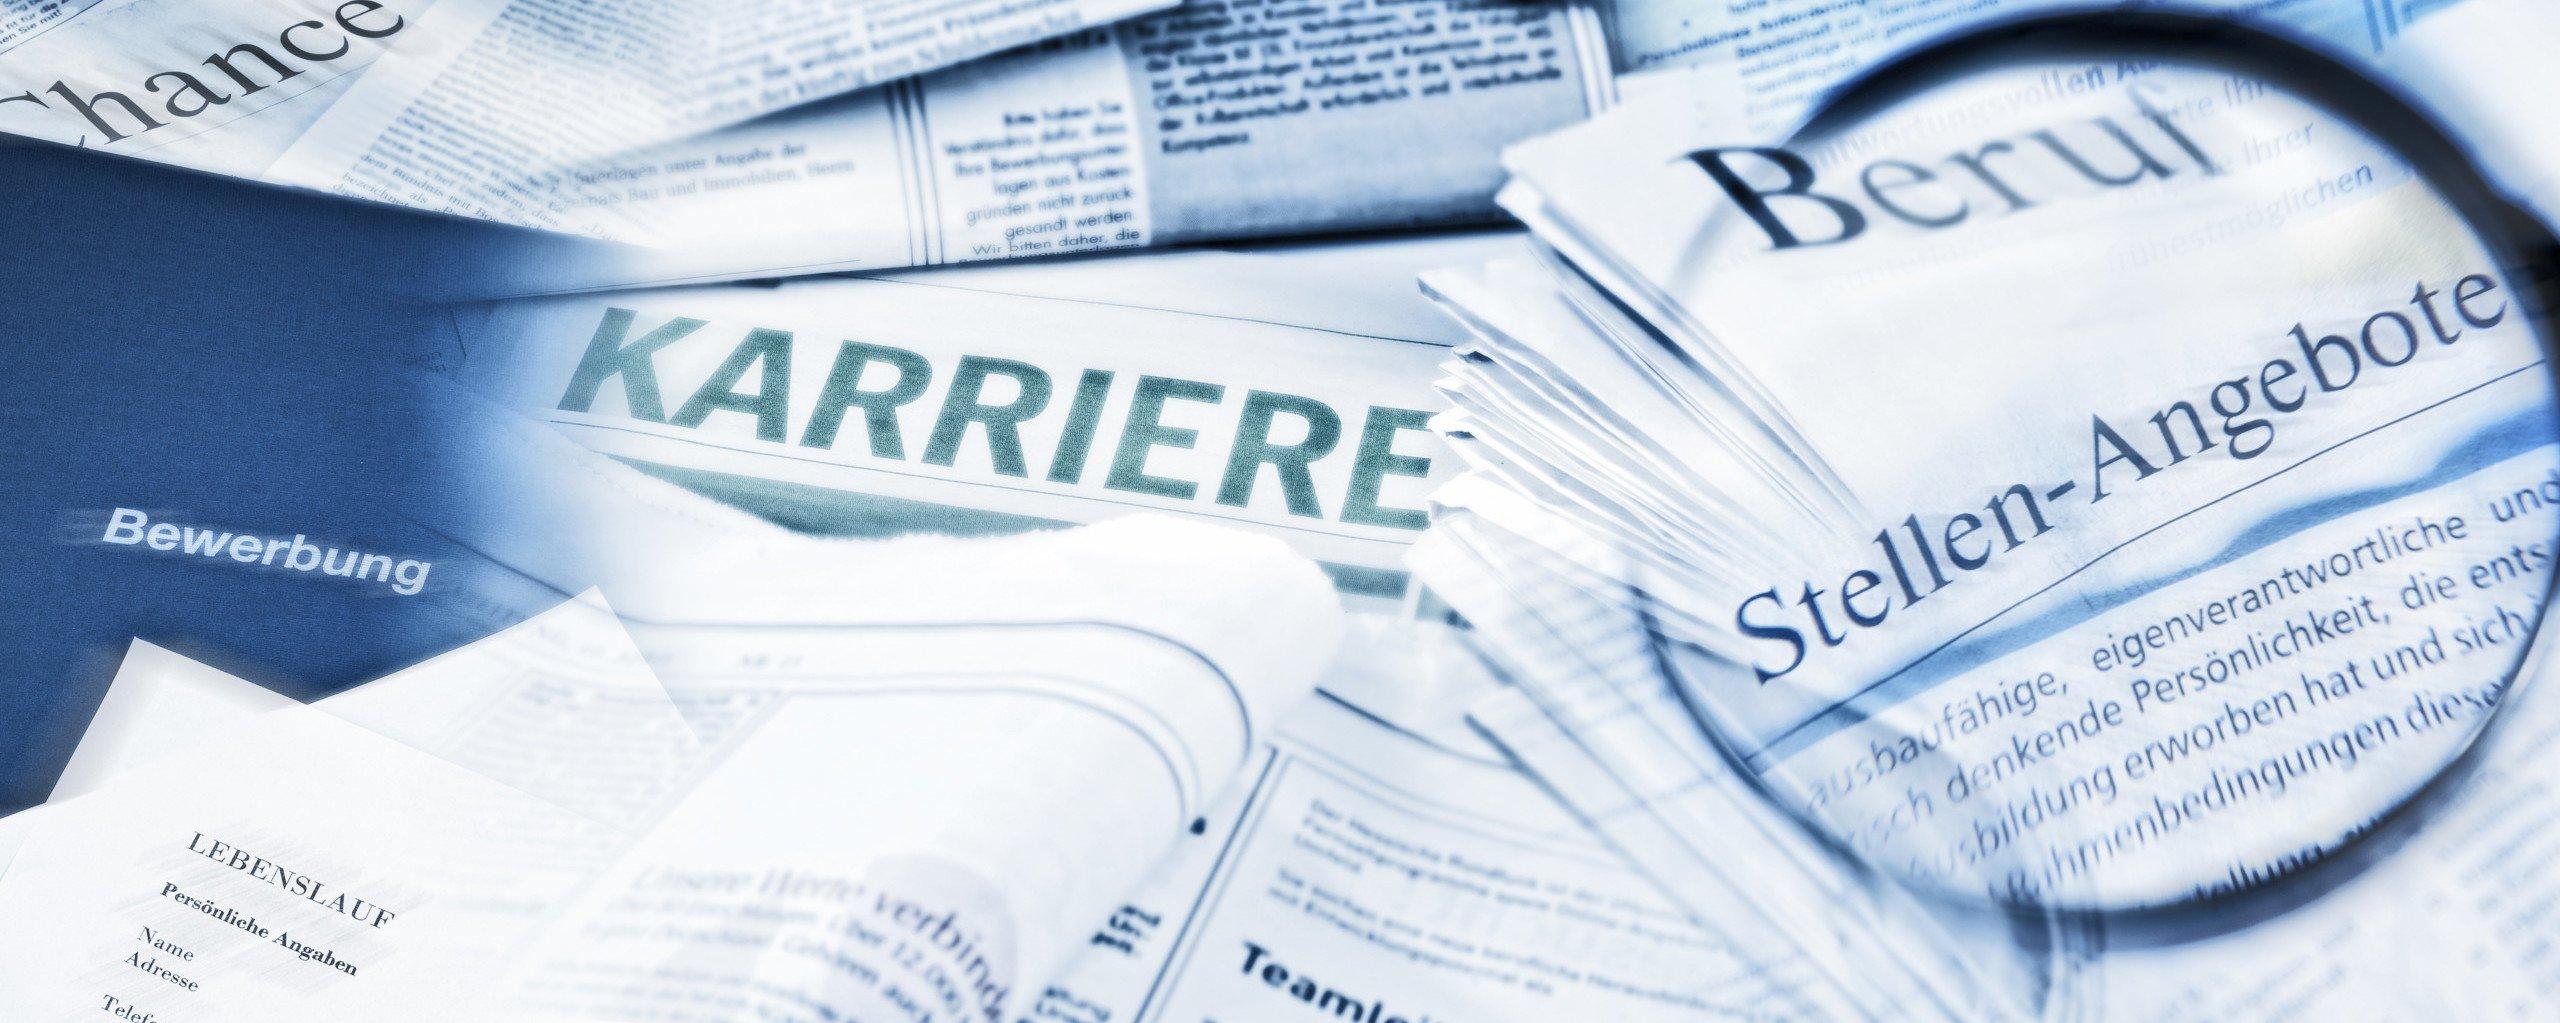 Stellenangebote Karriere Zeitung offene Stellen